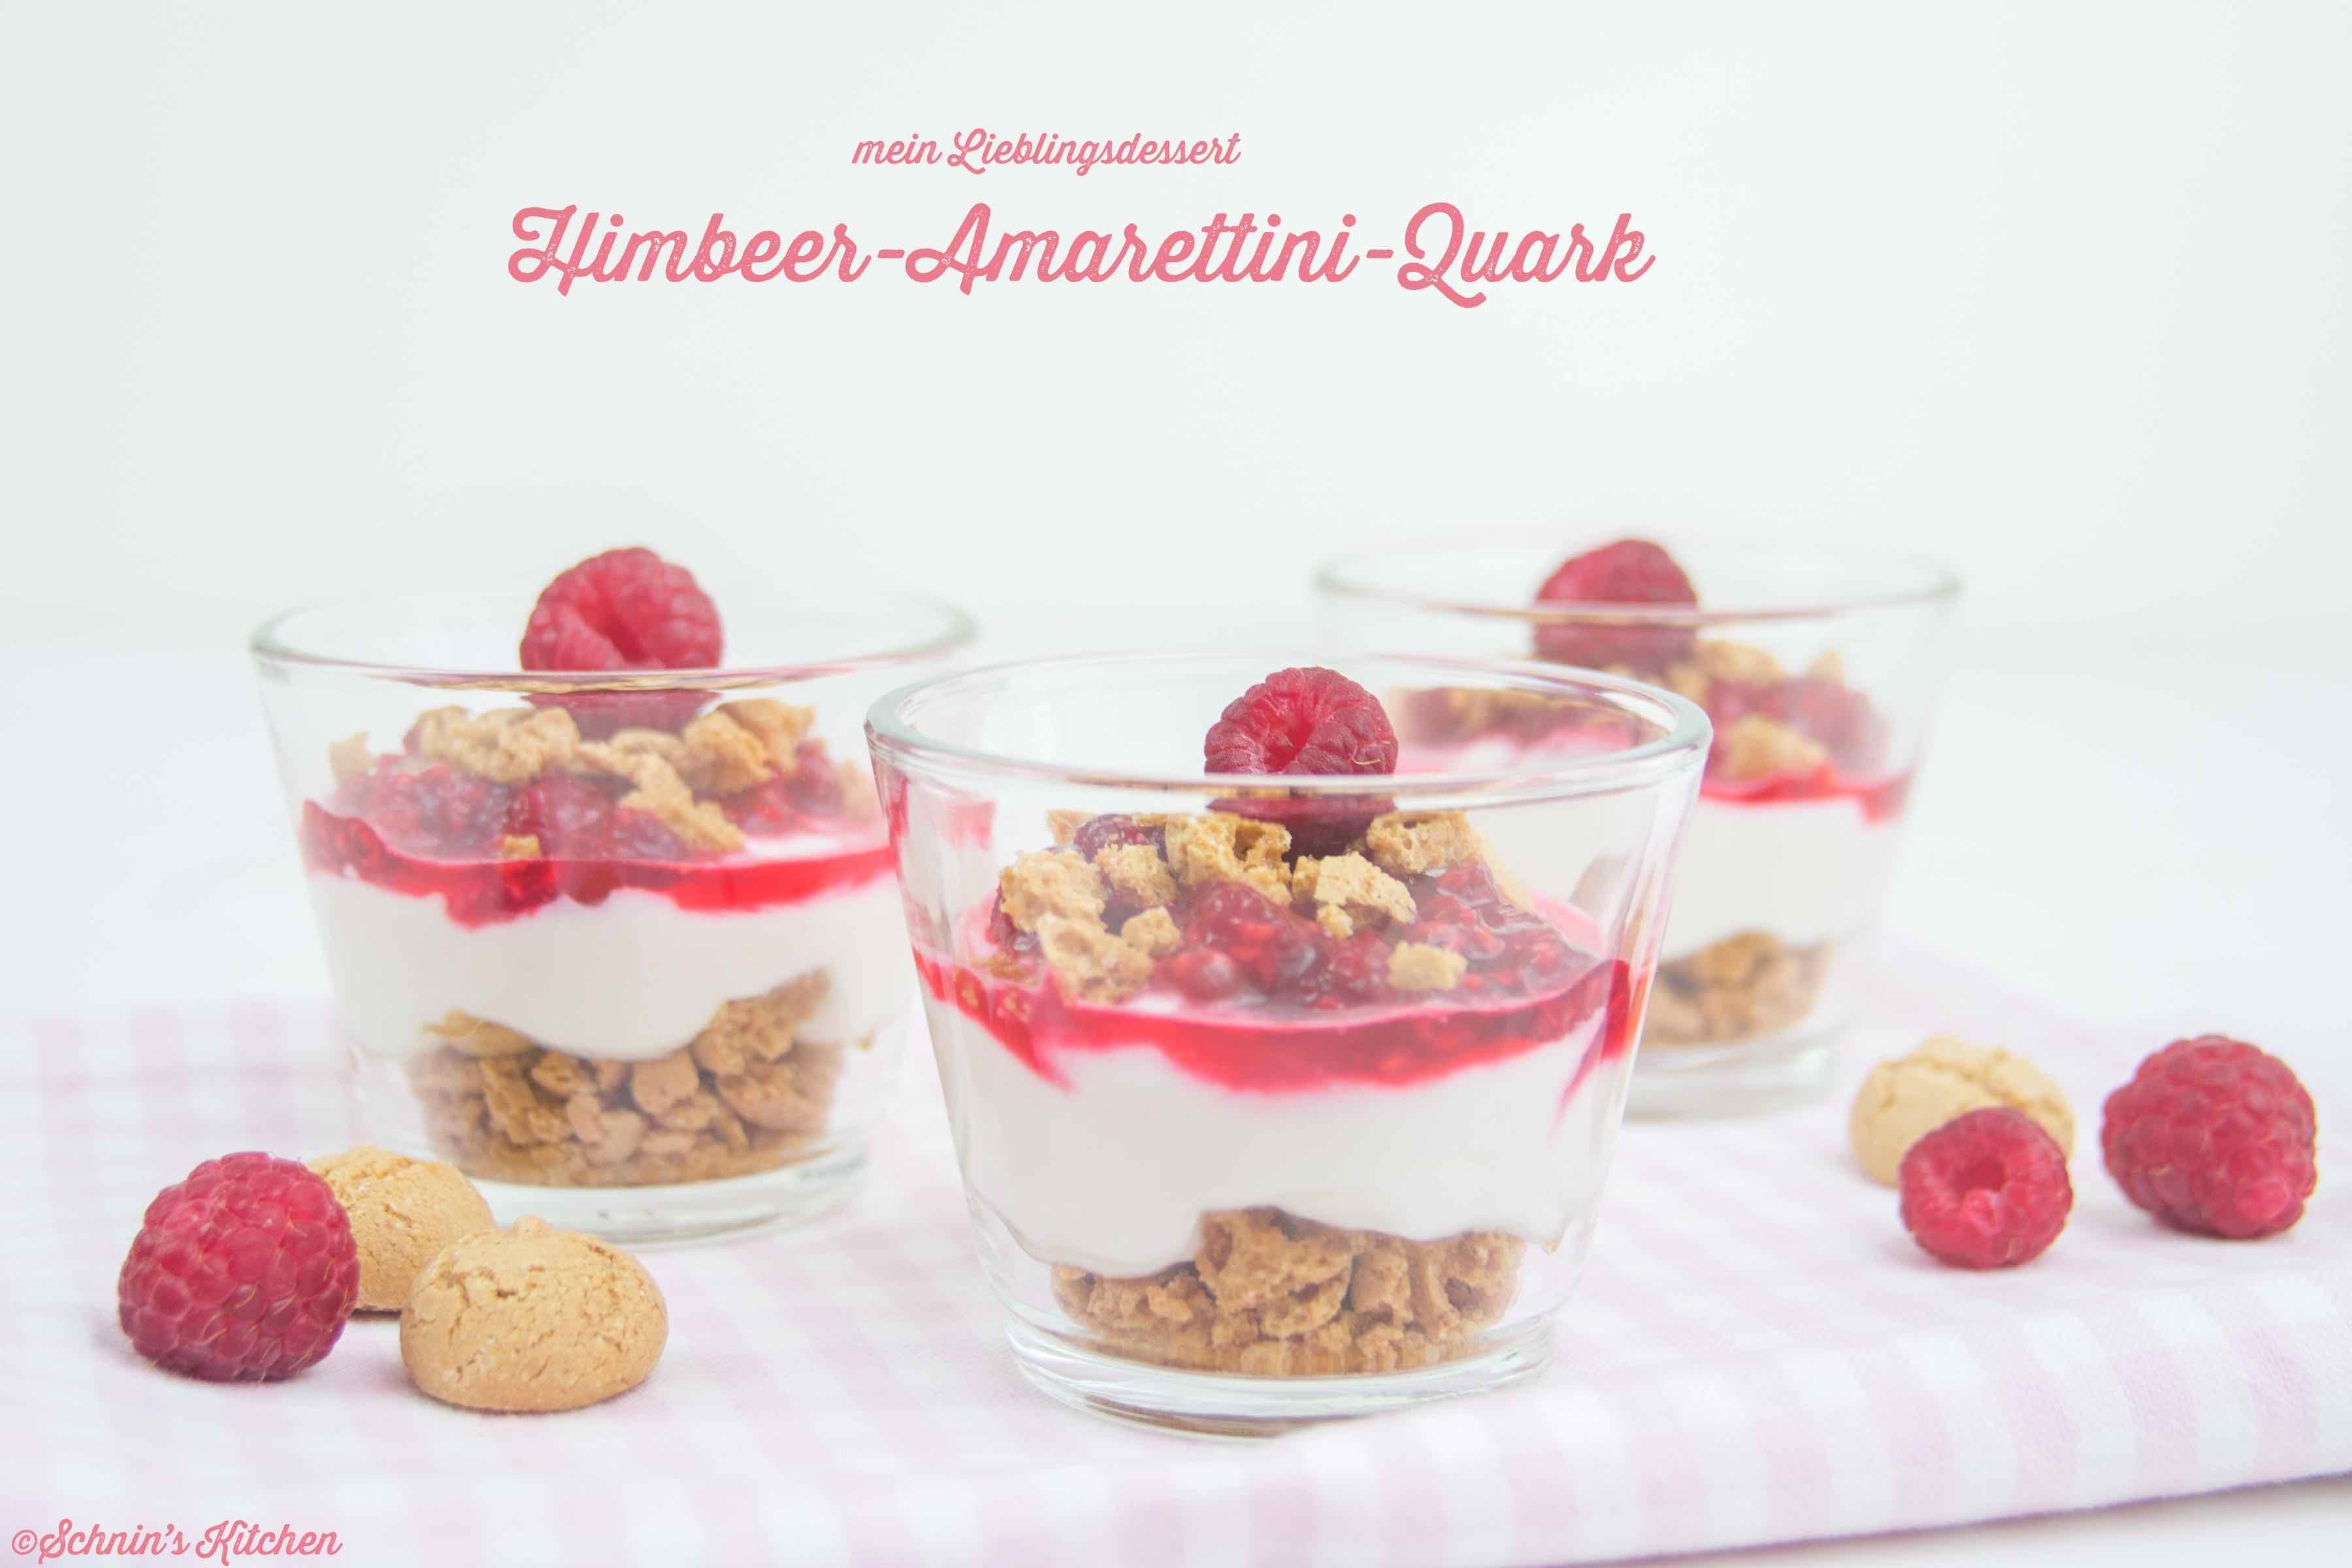 Schnin's Kitchen: Himbeer-Amarettini-Quark - mein Lieblingsdessert